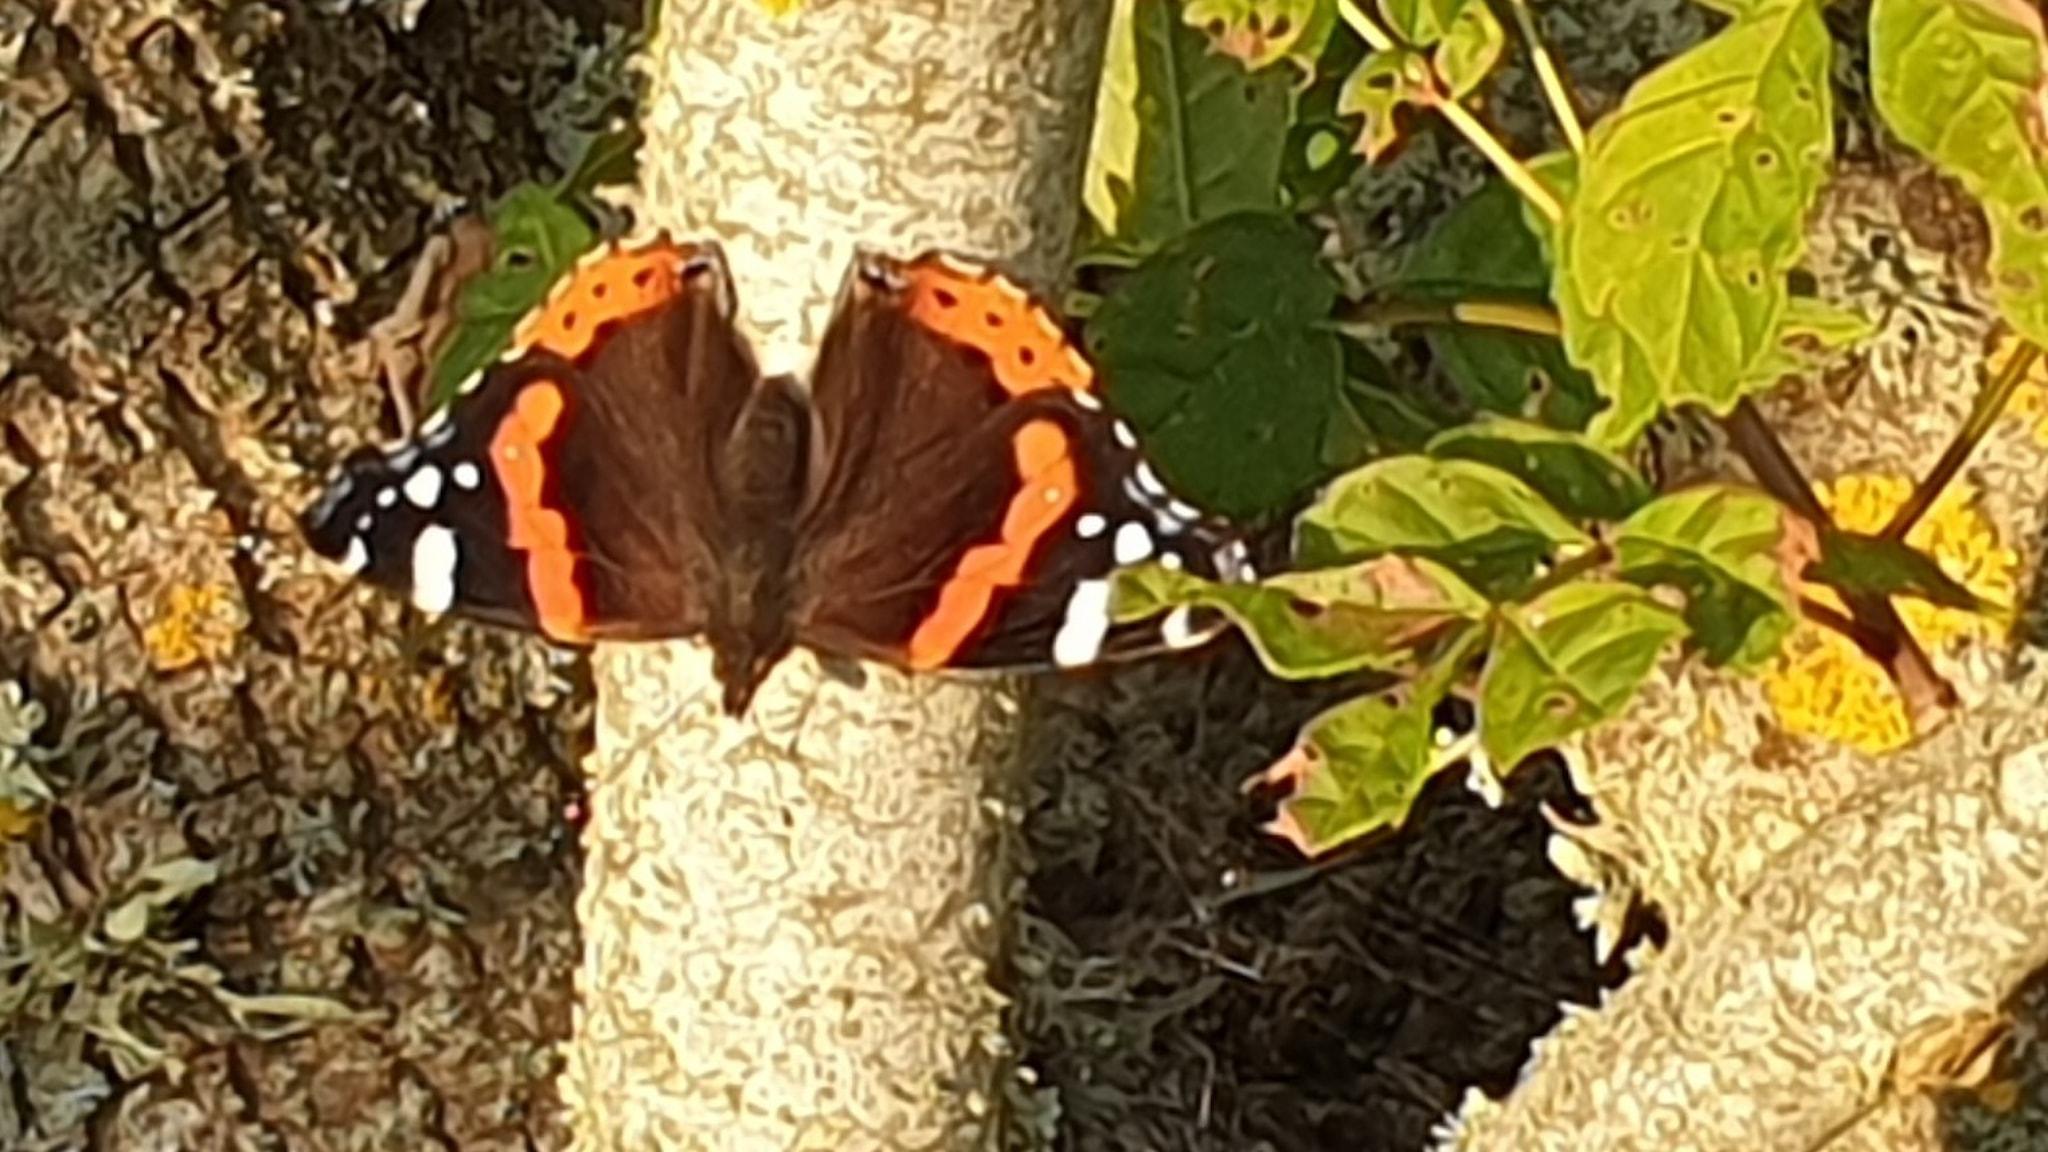 En praktfull amiralfjäril, svart med vingspetsar i orange och svart/vit teckning sitter på en trädstam.